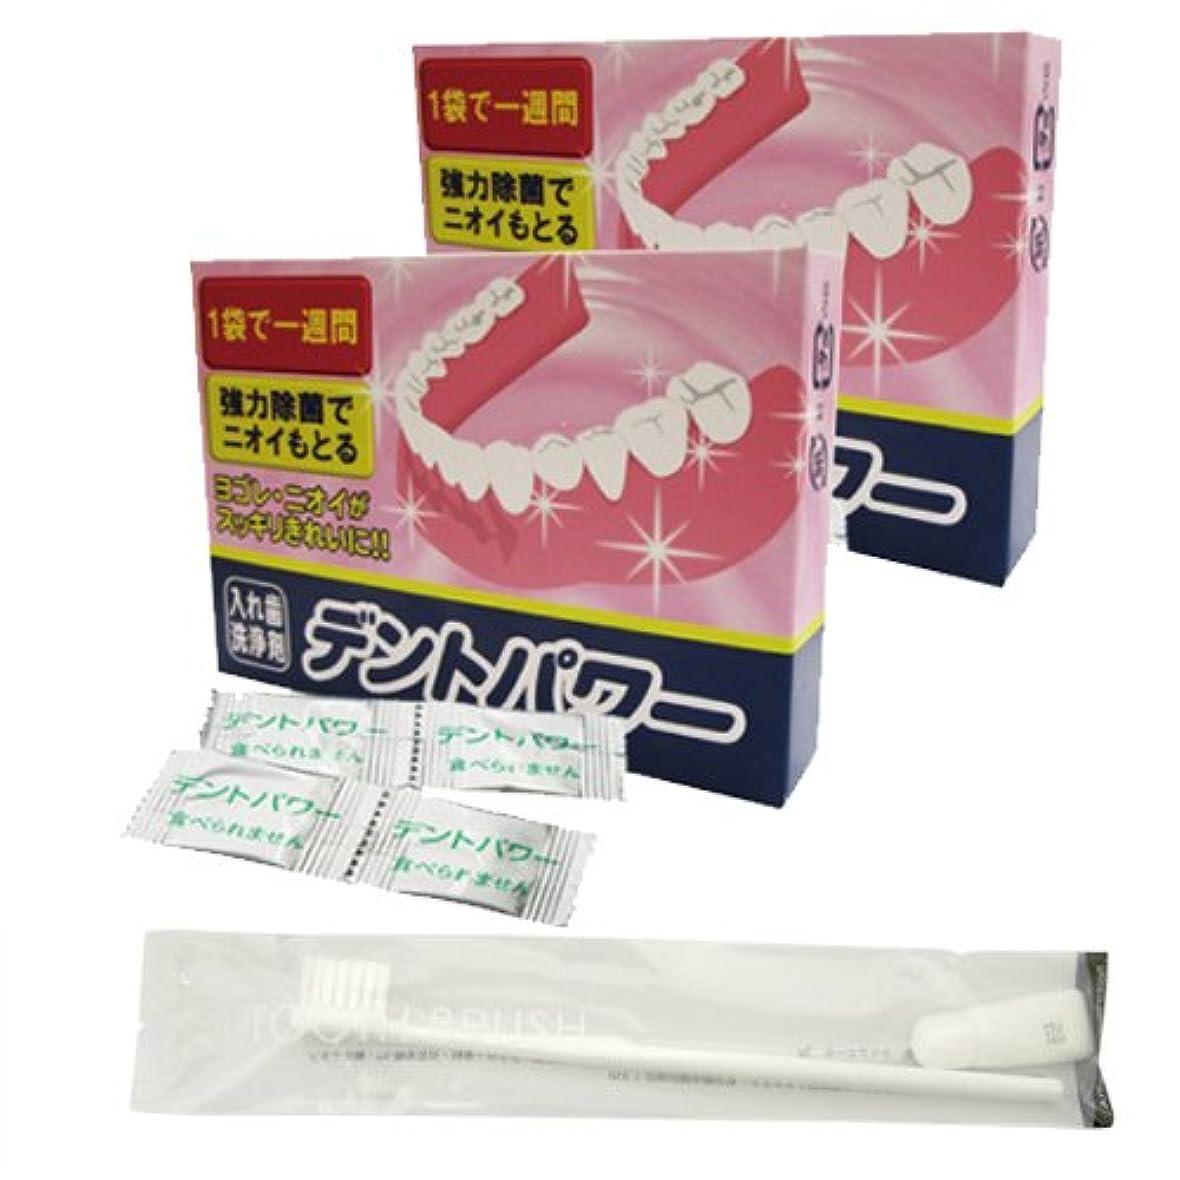 移民モネメロンデントパワー 入れ歯洗浄剤 10ヵ月用(専用ケース無し) x2個 + チューブ歯磨き粉付き歯ブラシ セット